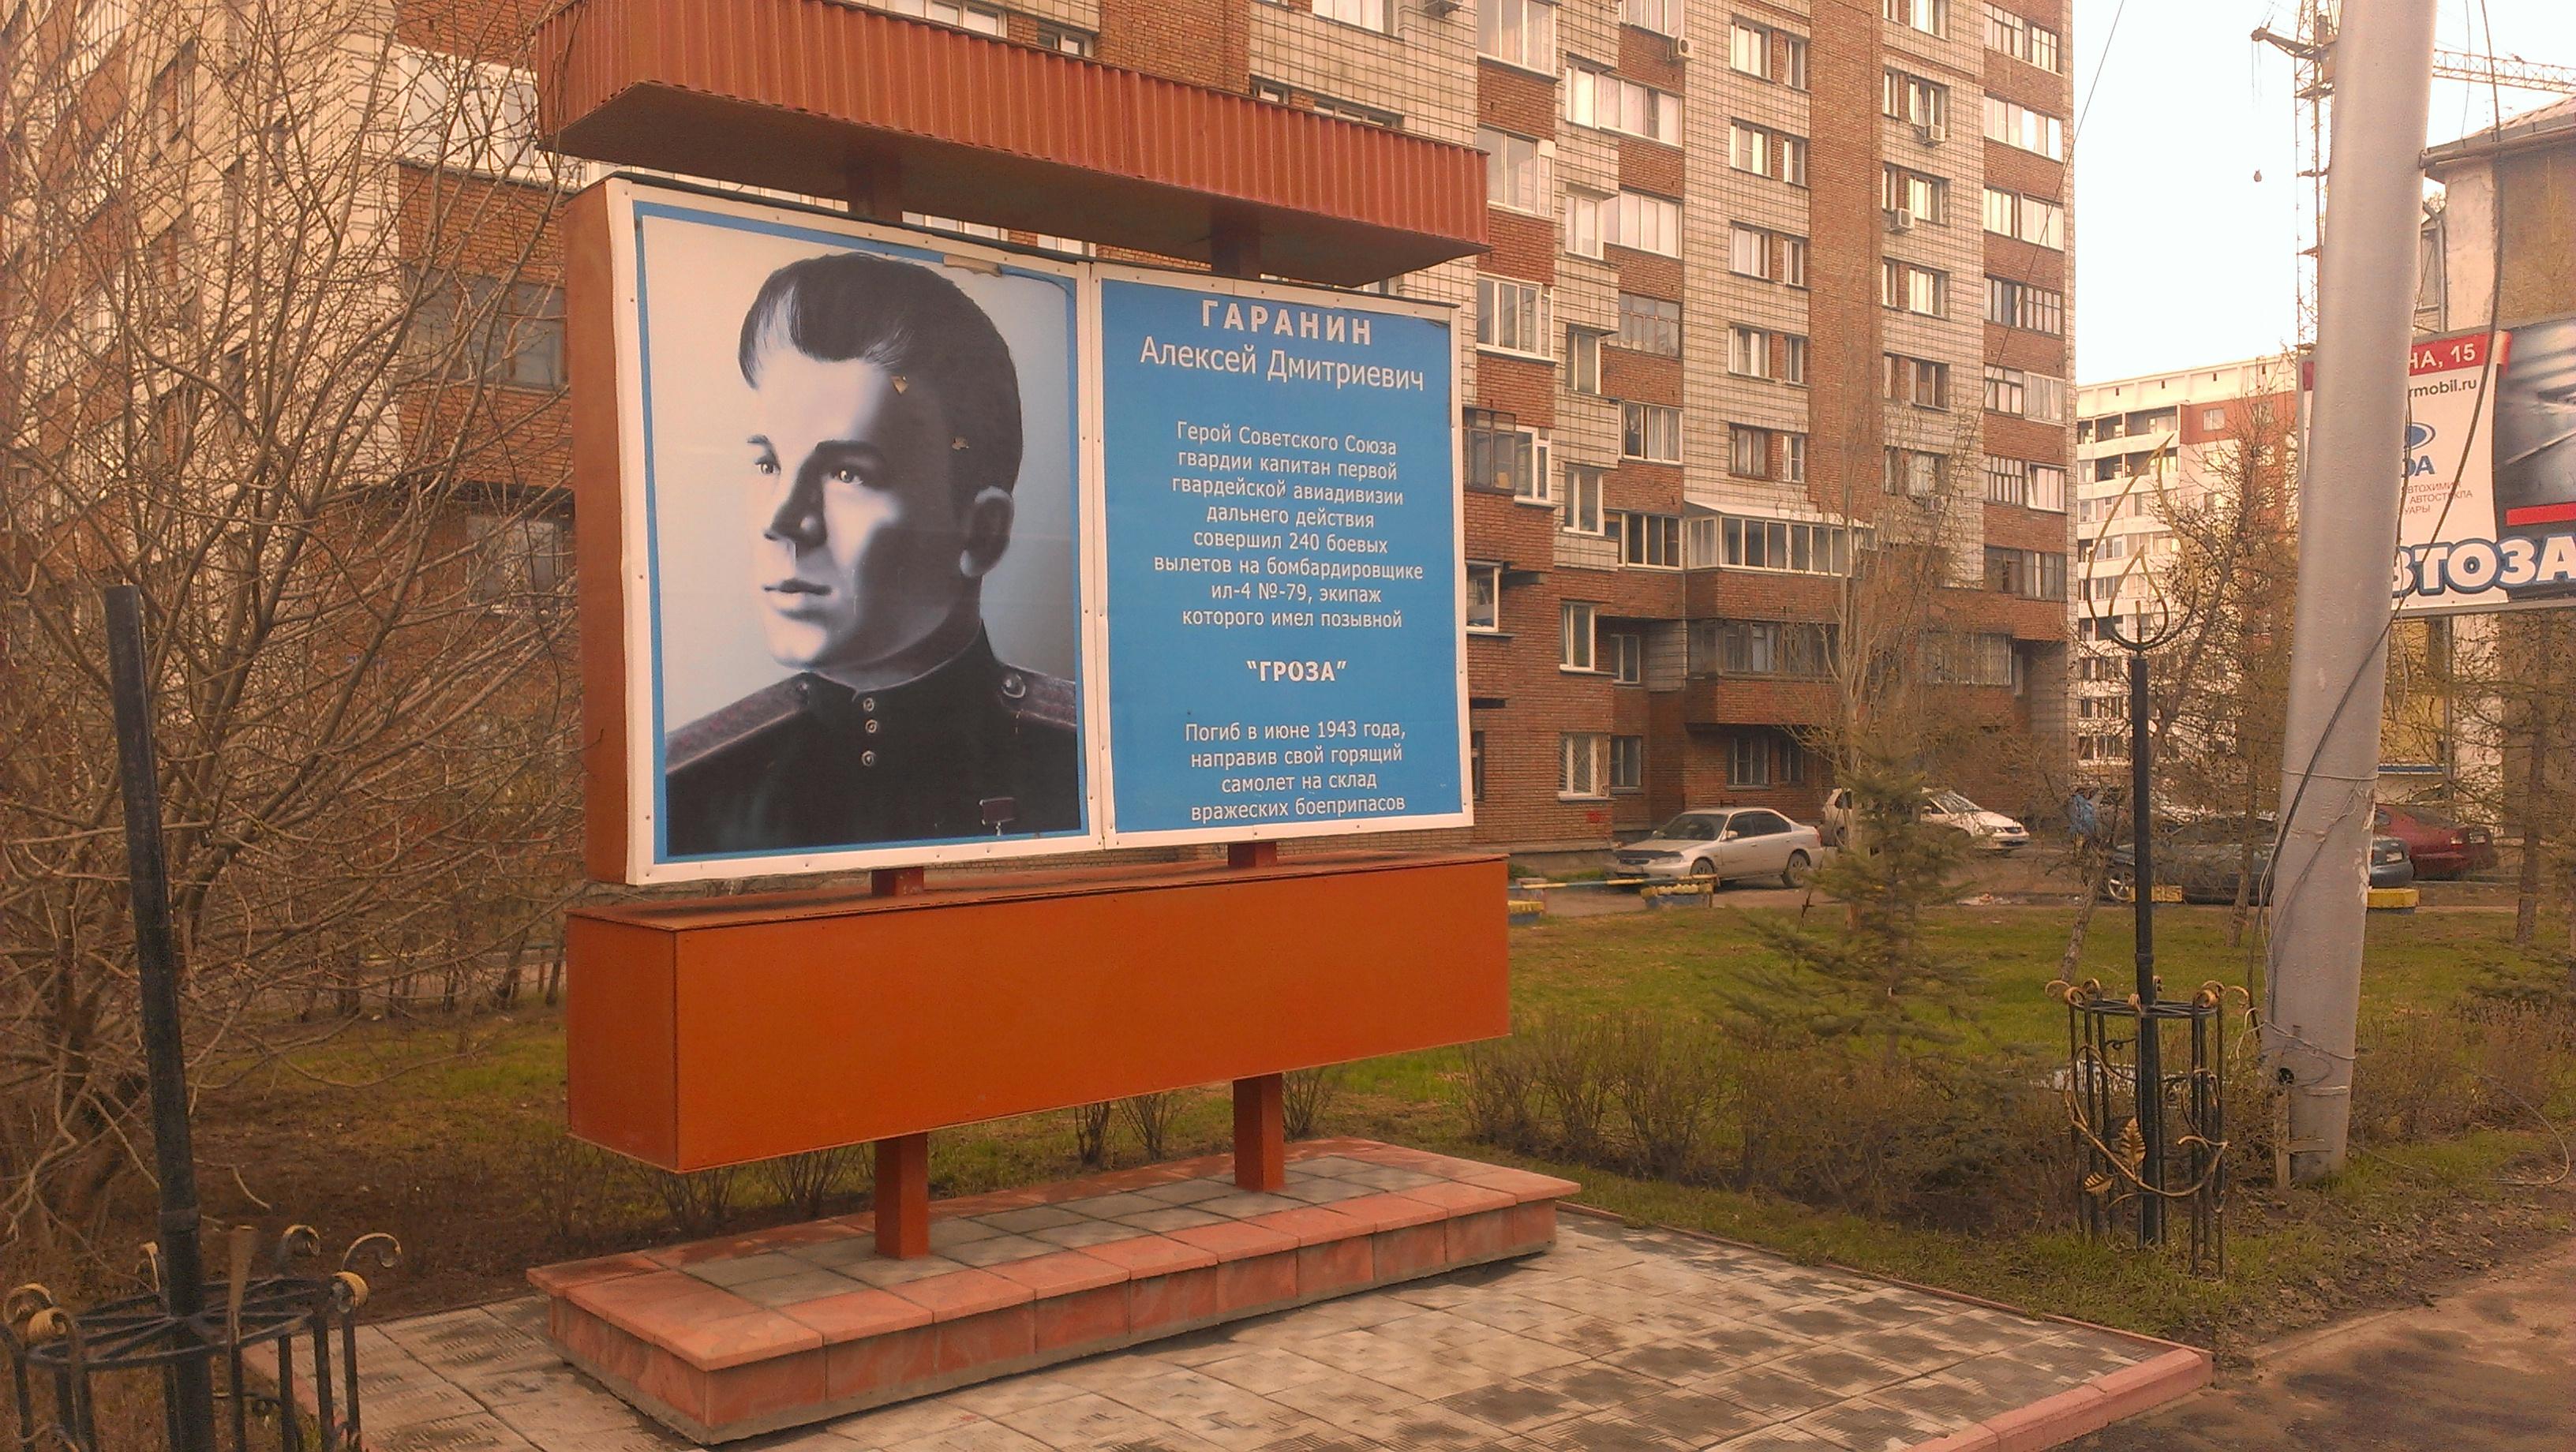 такое белье строительство дома новосибирск по улице гаранина 33 оно